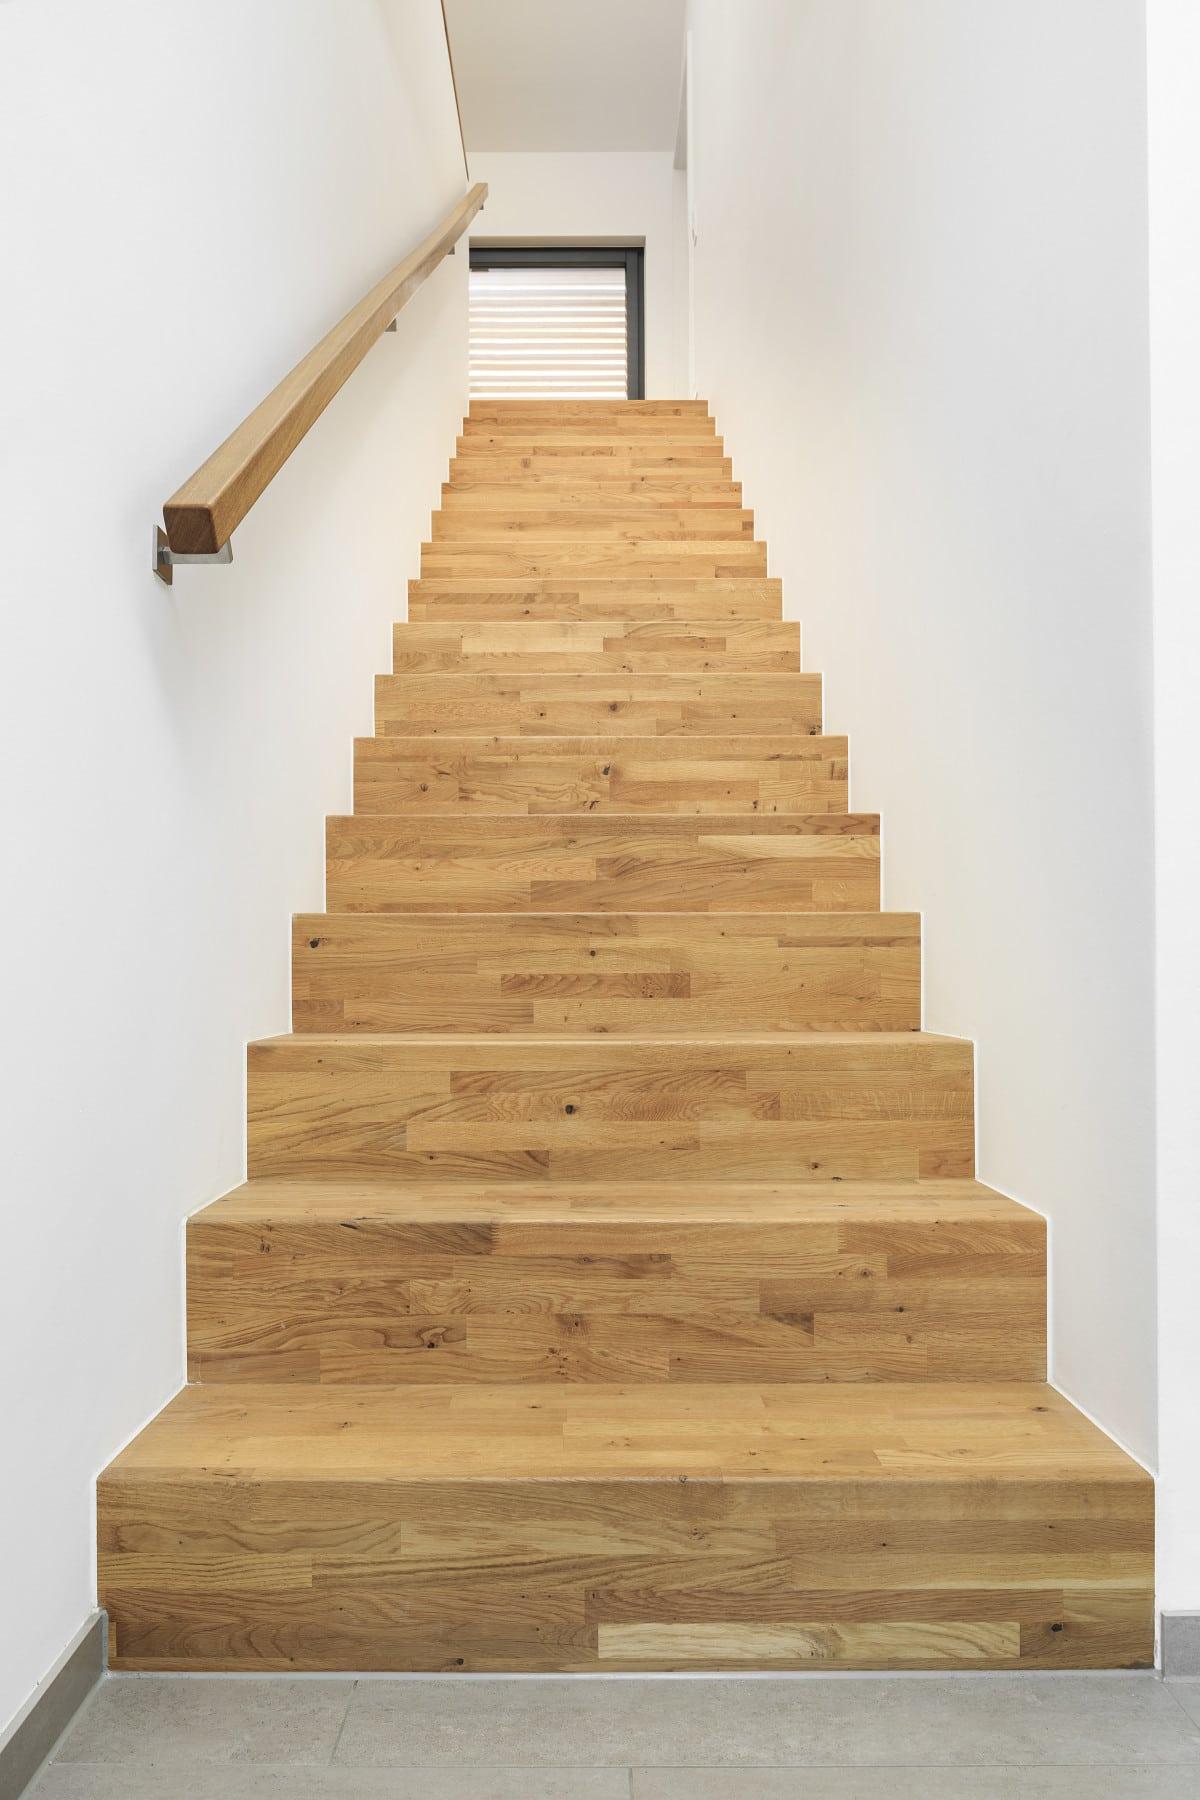 Gerade Innentreppe massiv aus Holz - Inneneinrichtung Haus Design Ideen innen Treppe Fertighaus Ökohaus Schneider / Baufritz - HausbauDirekt.de